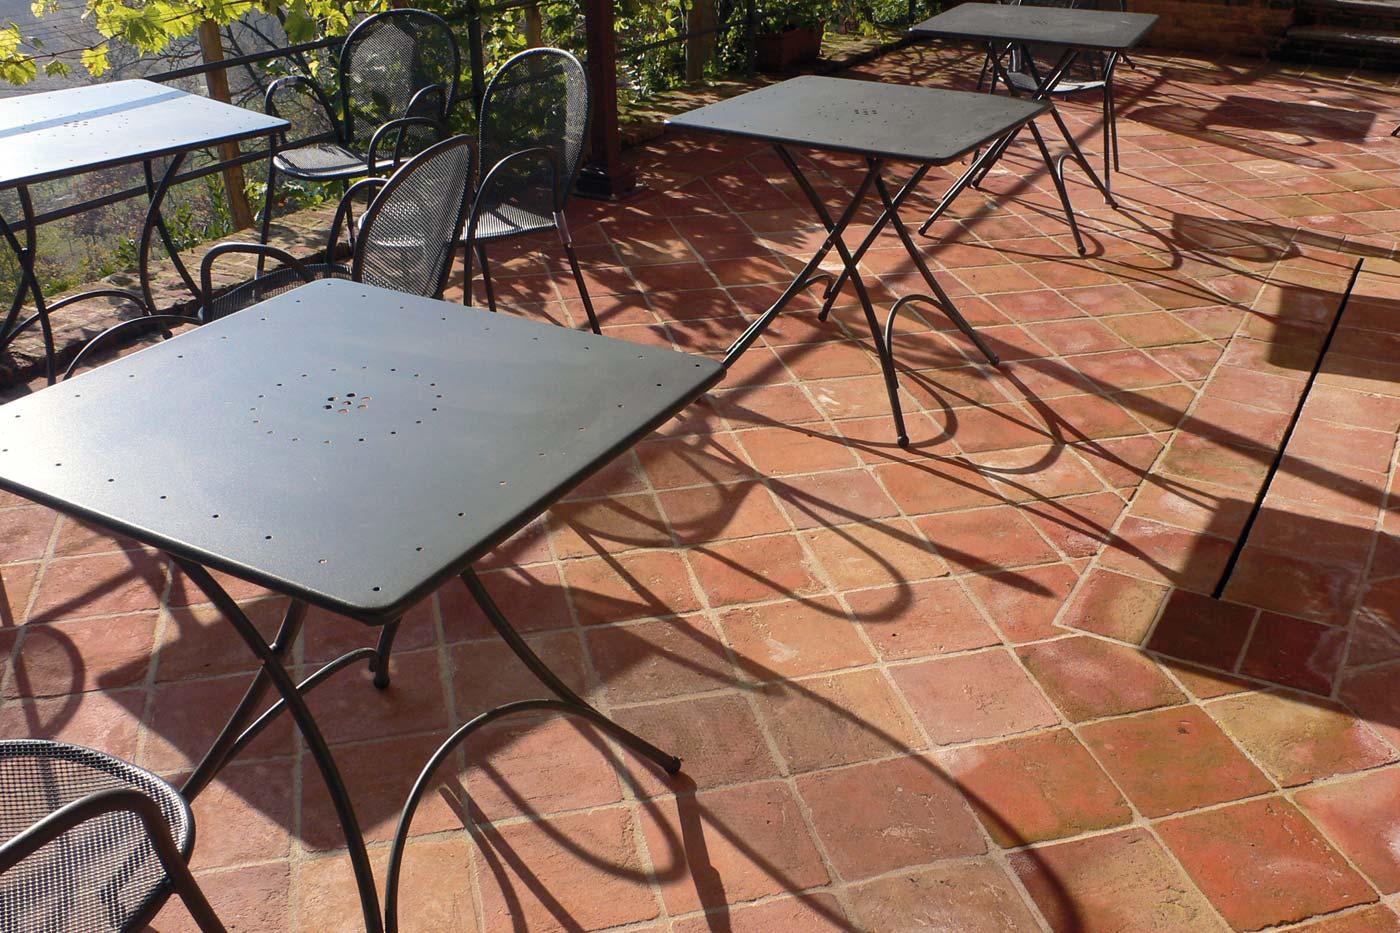 9 Hand Made Bricks Tiles in Pakistan Outdoor Patio Flooring Tiles in Pakistan Images.